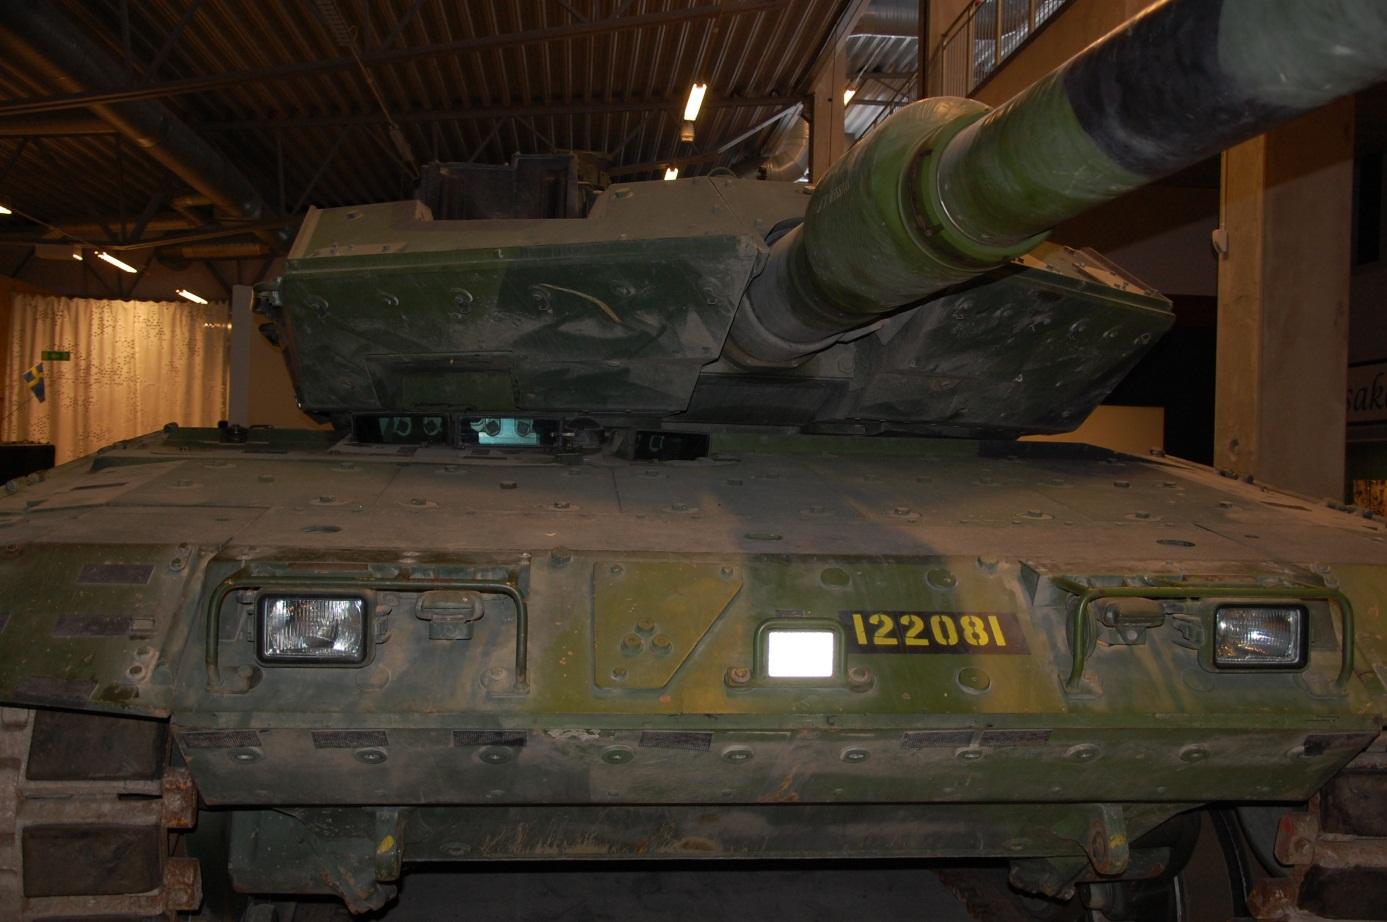 world of tanks 7 day premium code